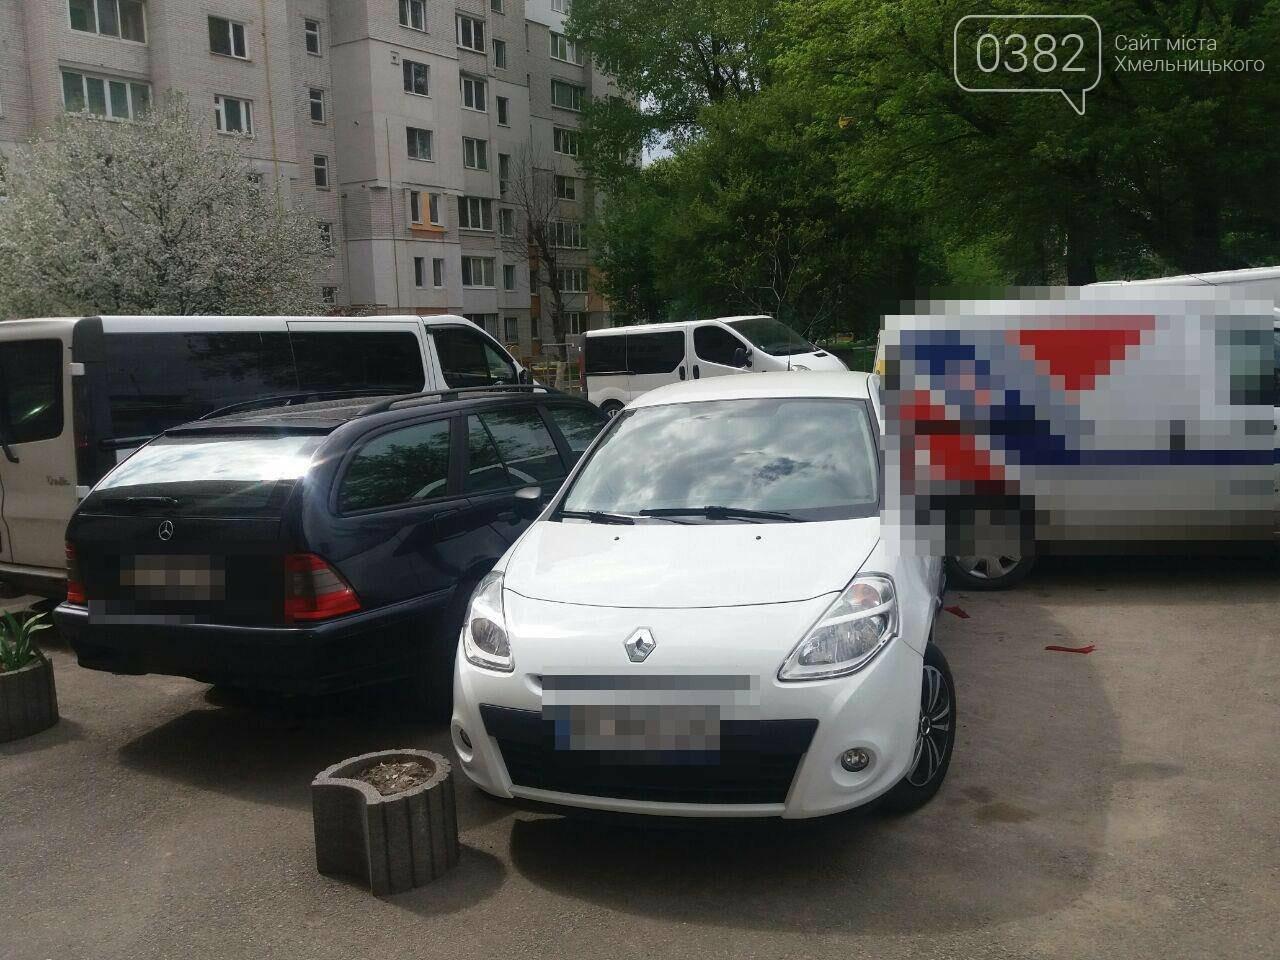 ДТП у Хмельницькому: Догори дригом та автівка без водія, що пошкодила 5 ТЗ. ФОТО, фото-5